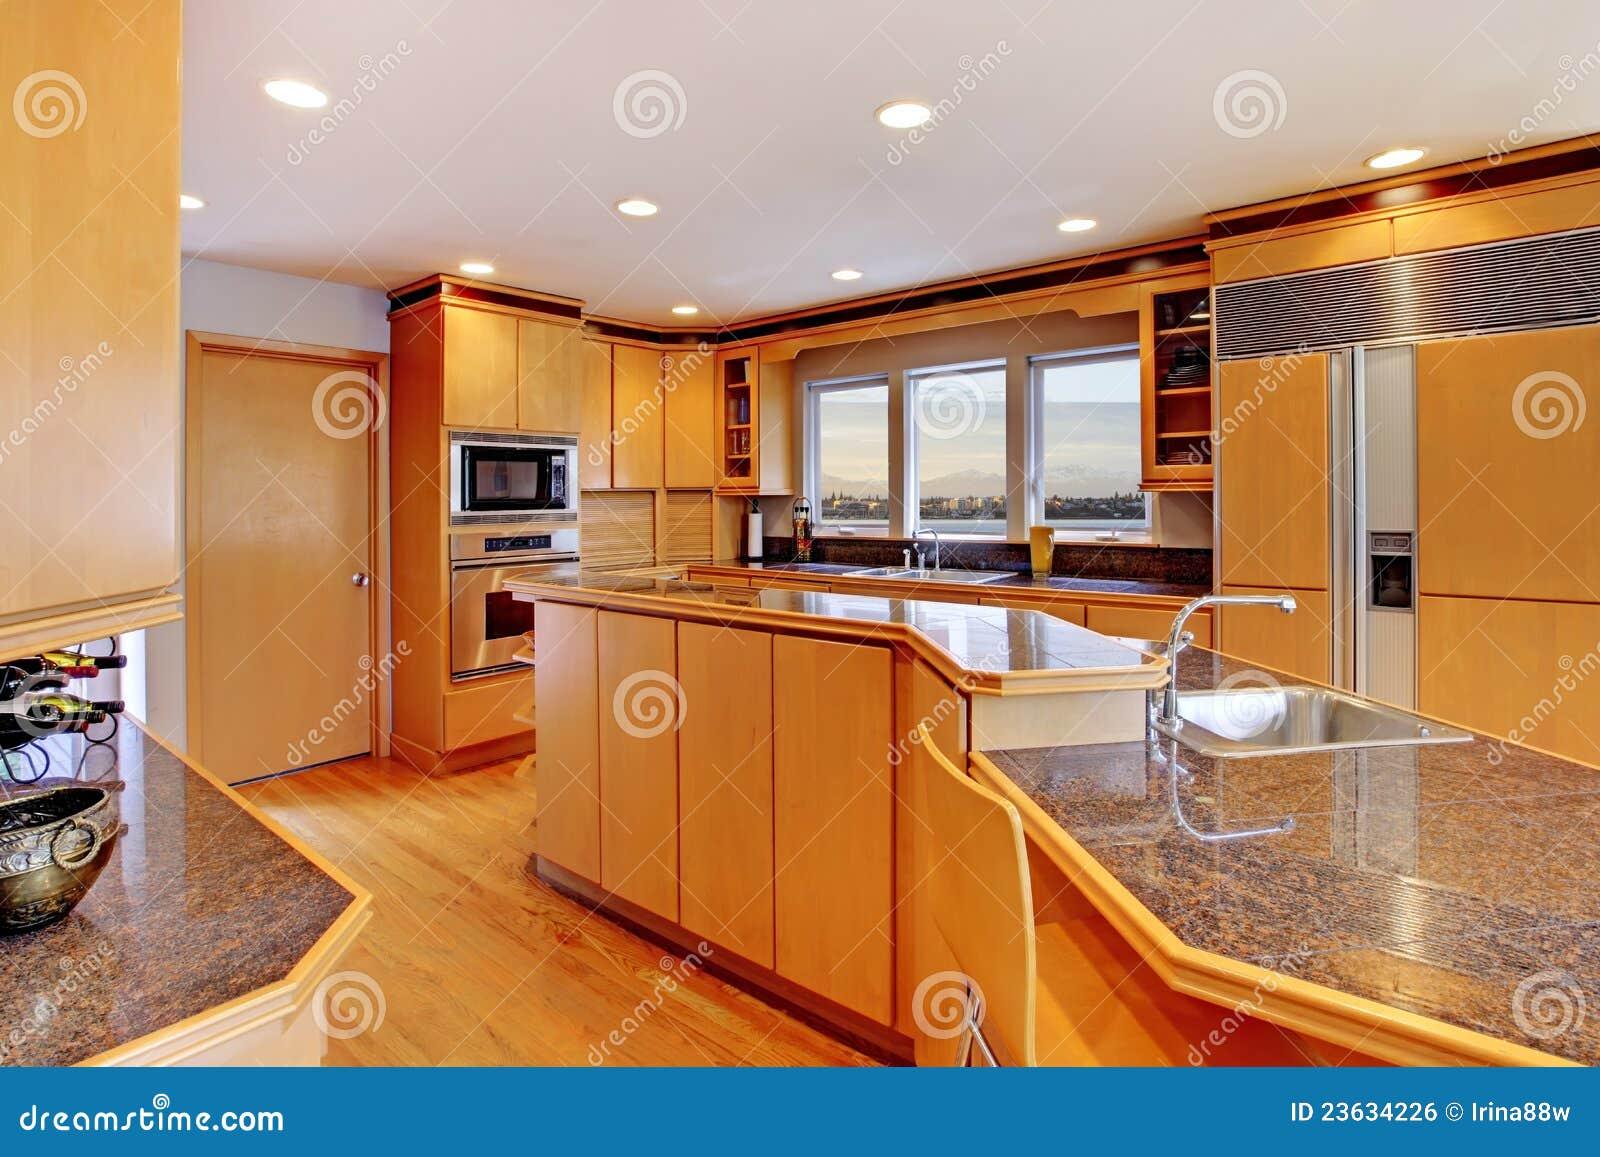 Cocina de madera moderna de lujo grande foto de archivo - Cocinas de madera modernas ...